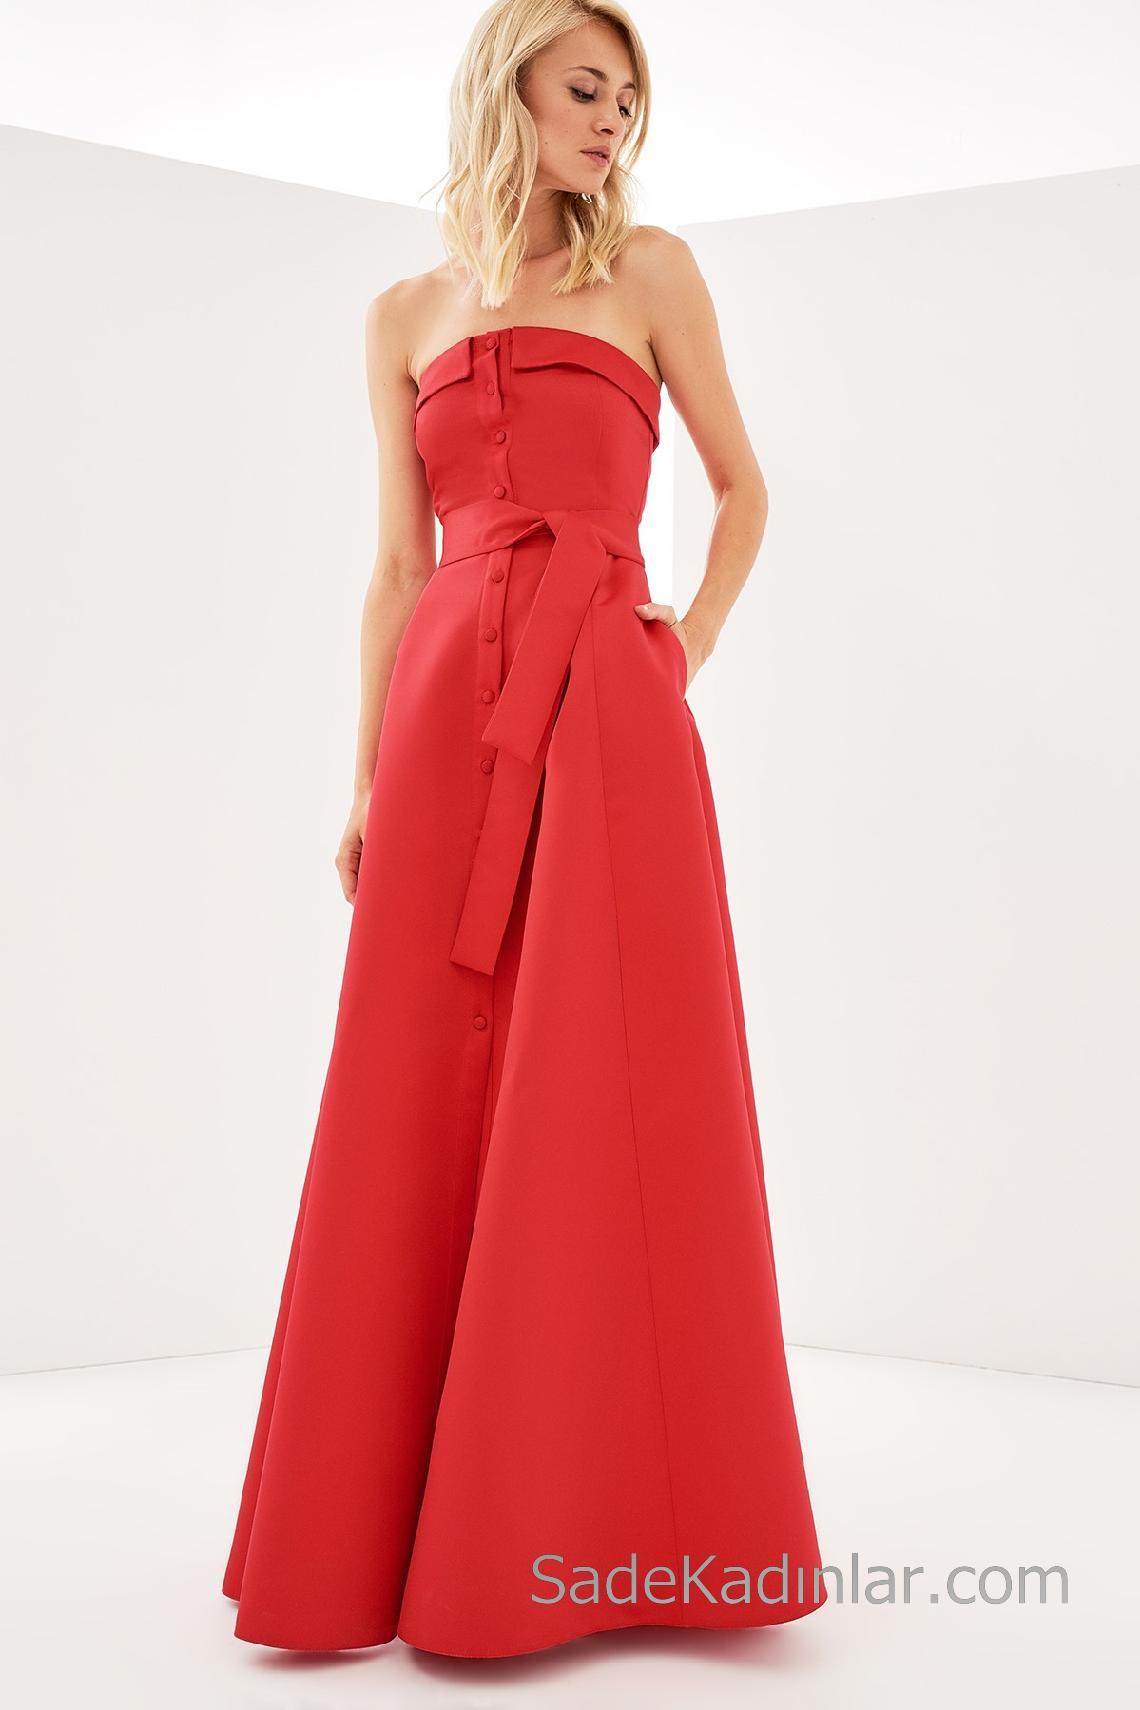 Kilolu Bayanlar İçin Söz Elbisesi Modelleri 2019